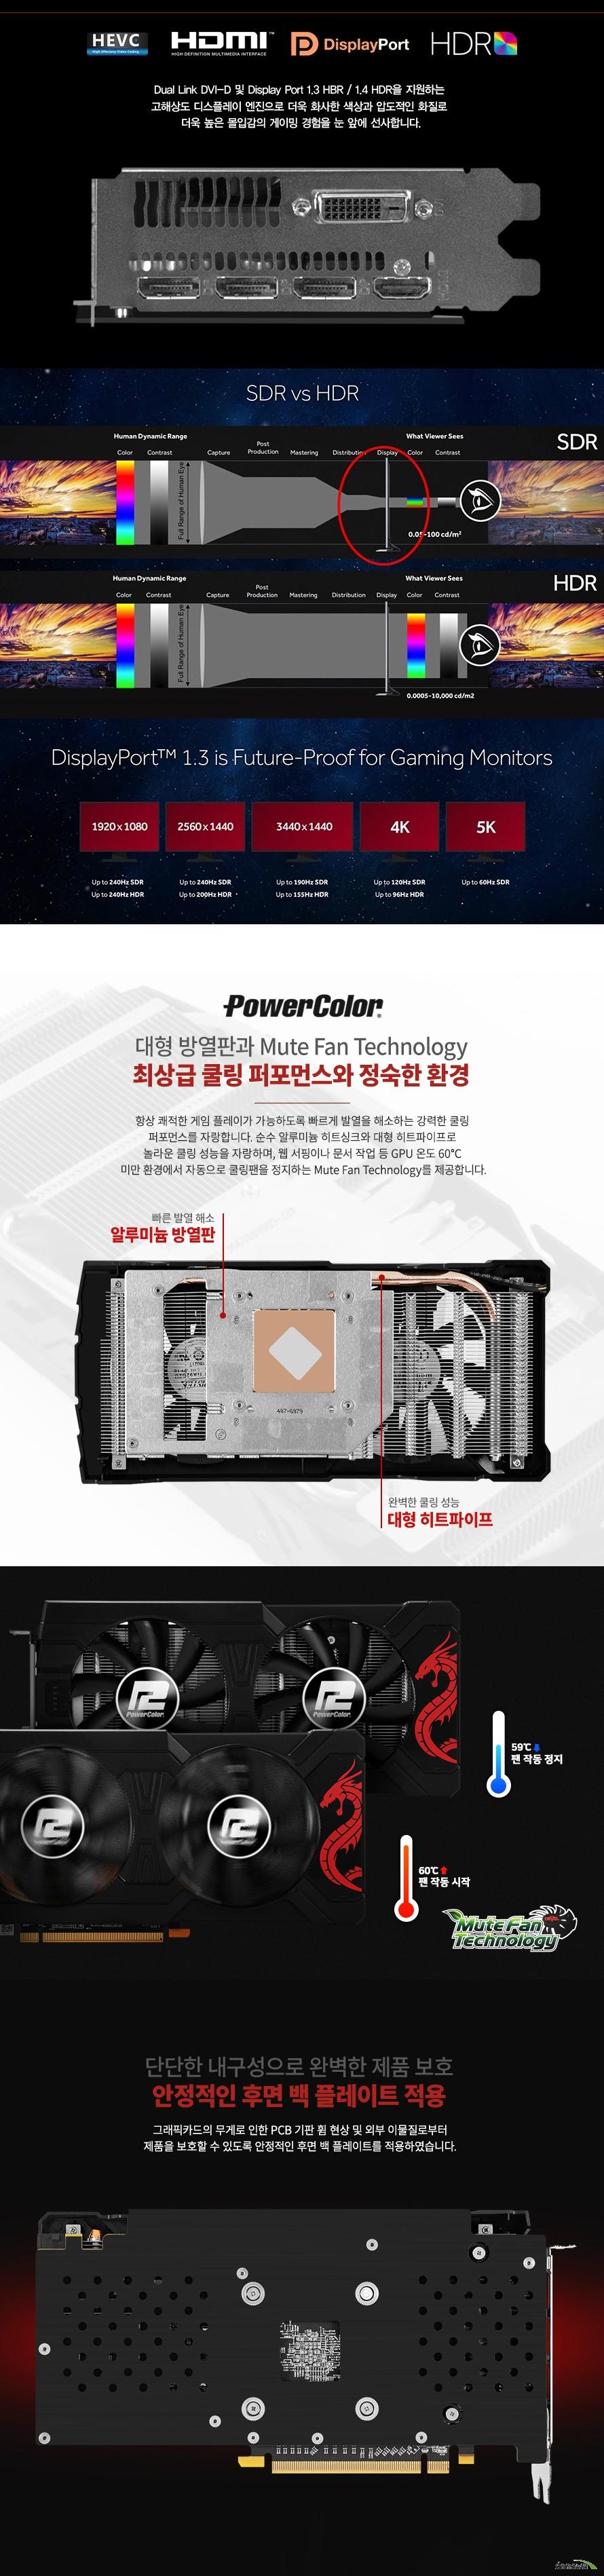 PowerColor  라데온 RX 570 OC D5 8GB 레드드래곤 백플레이트